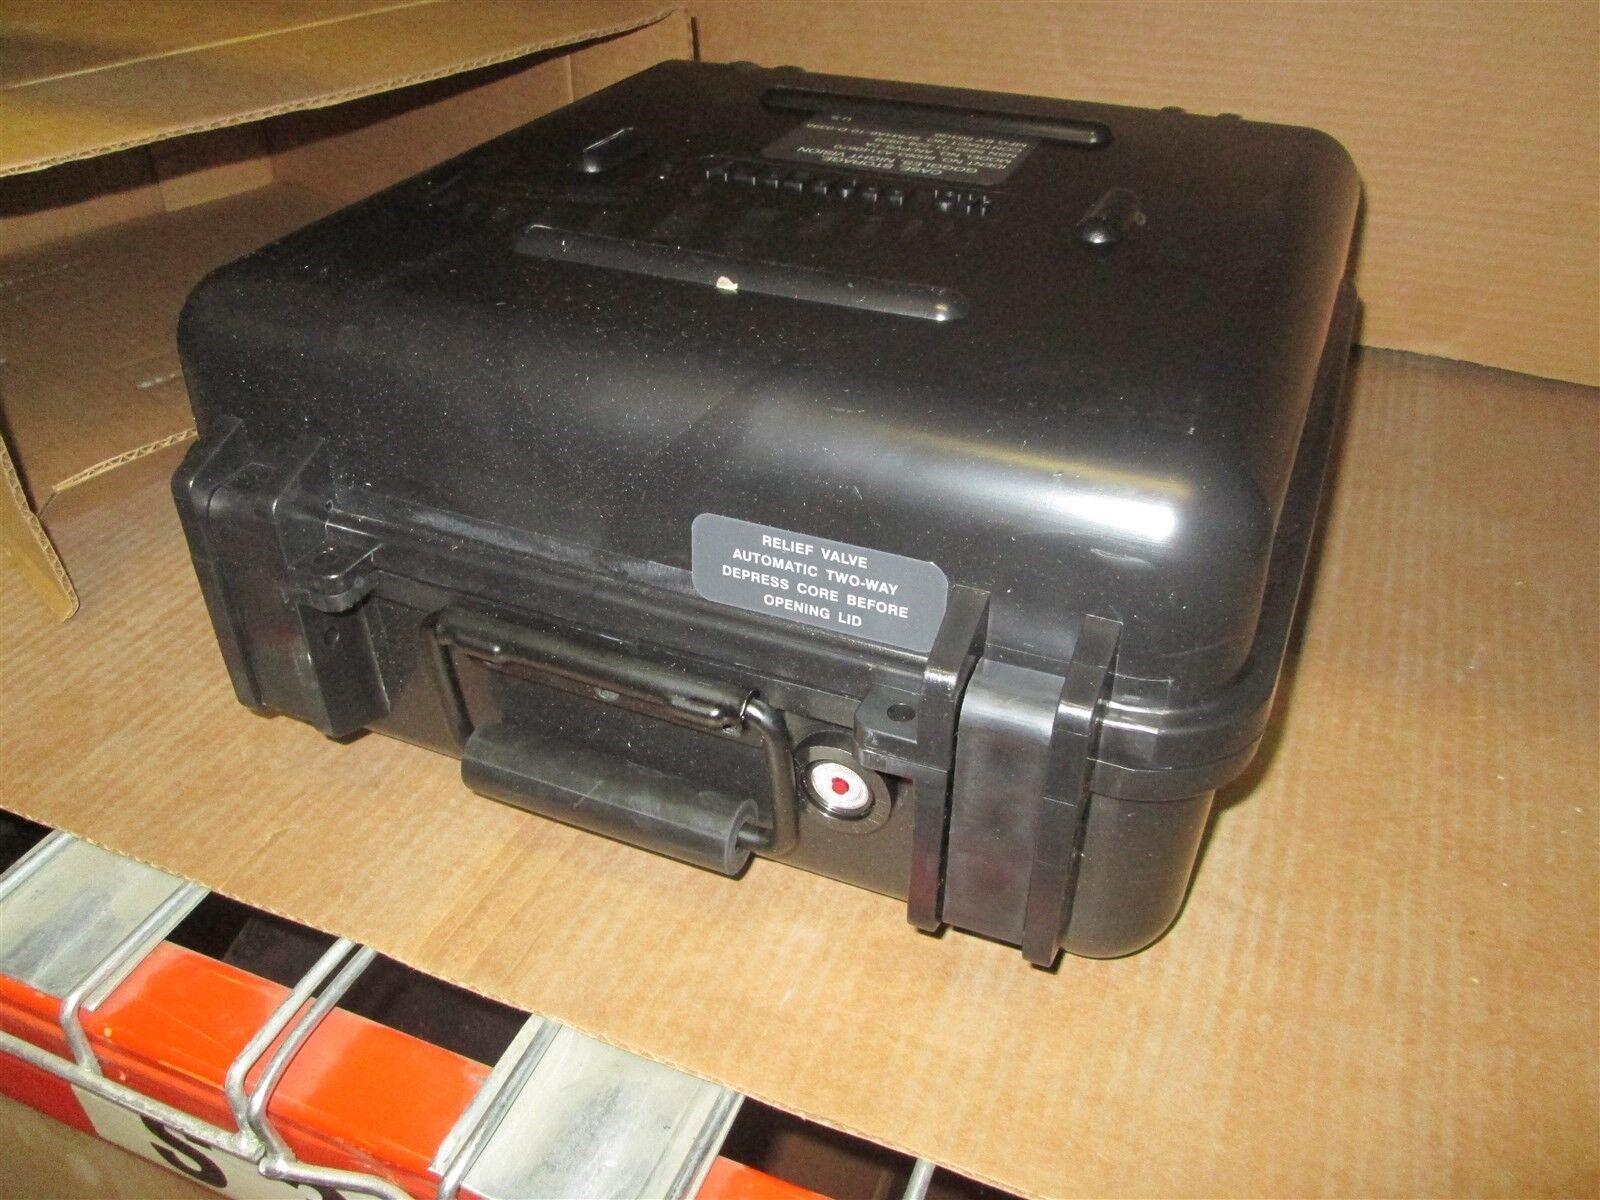 17x15x8 Starlight SC-071414 W  Foam AN PVS-7A Hard Case Weather Dry  New In Box